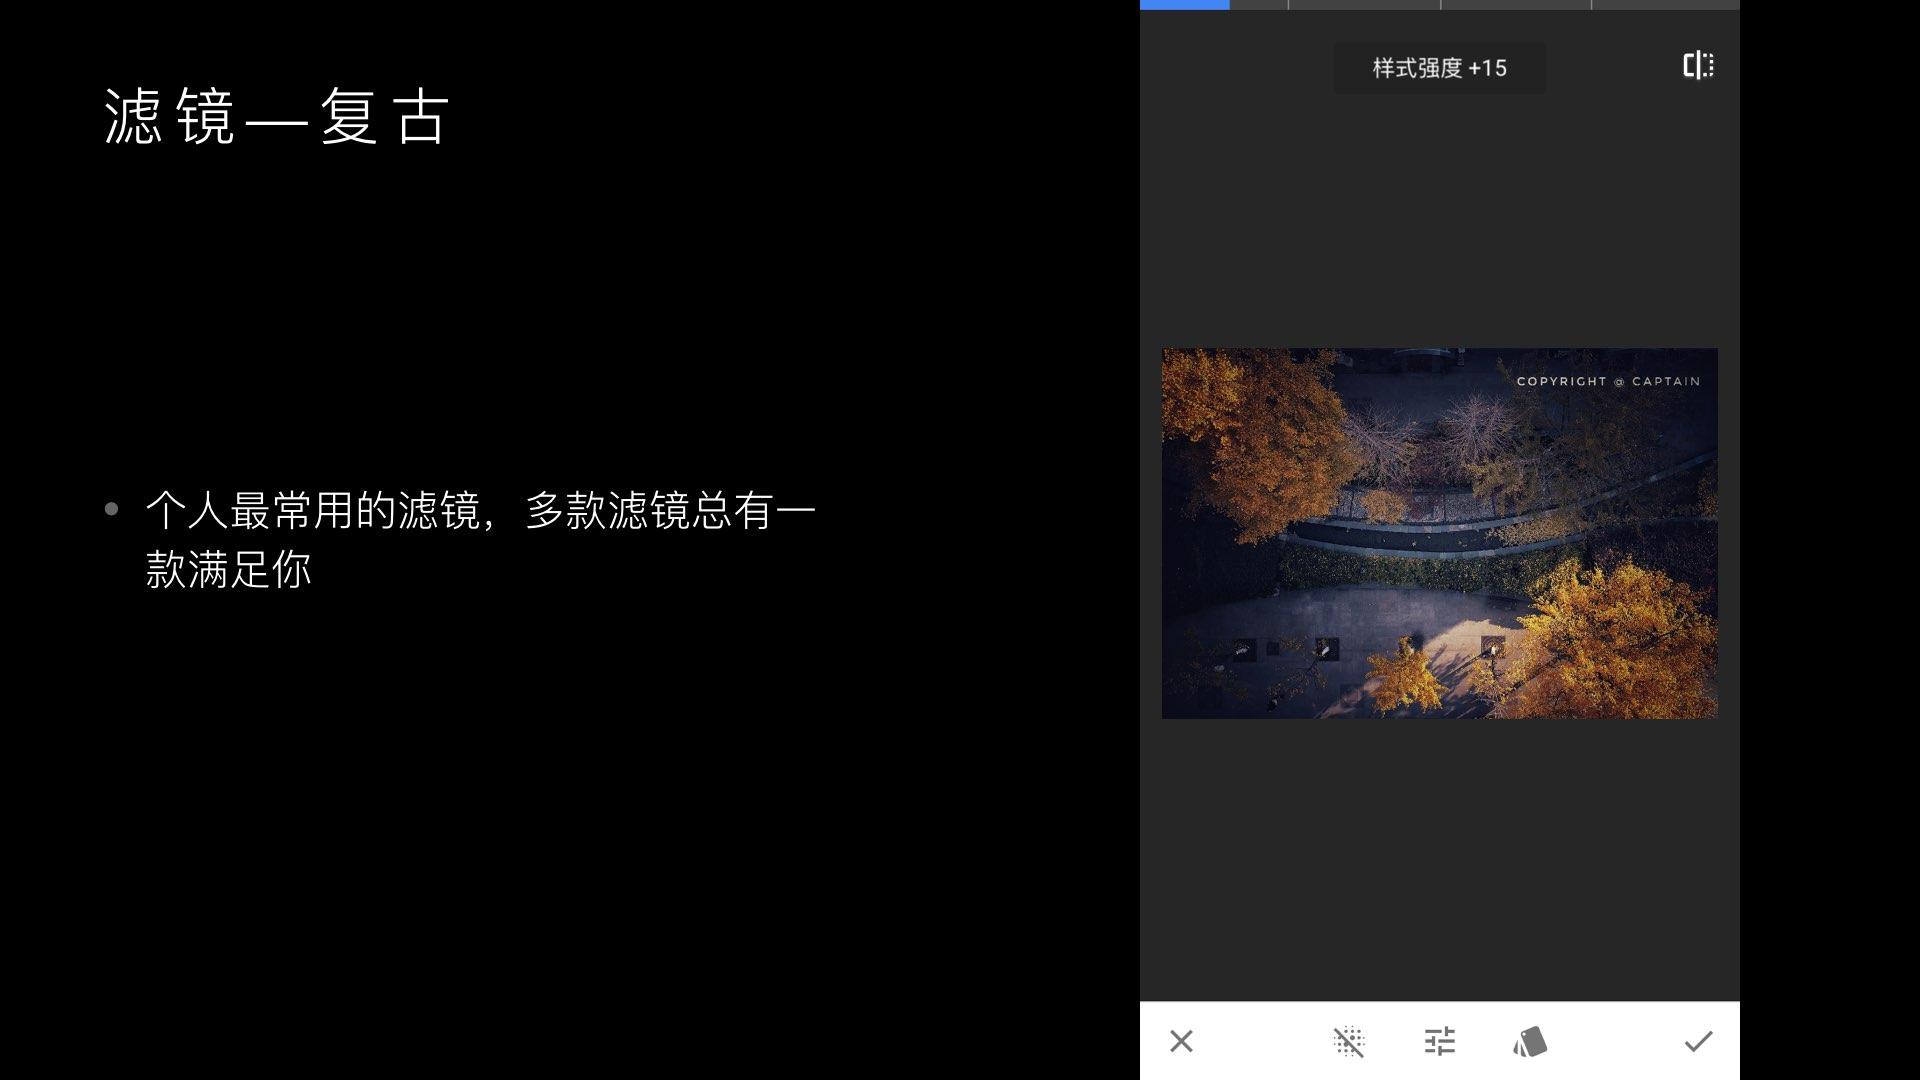 化腐朽为神奇,Snapseed图片编辑教程.029.jpeg